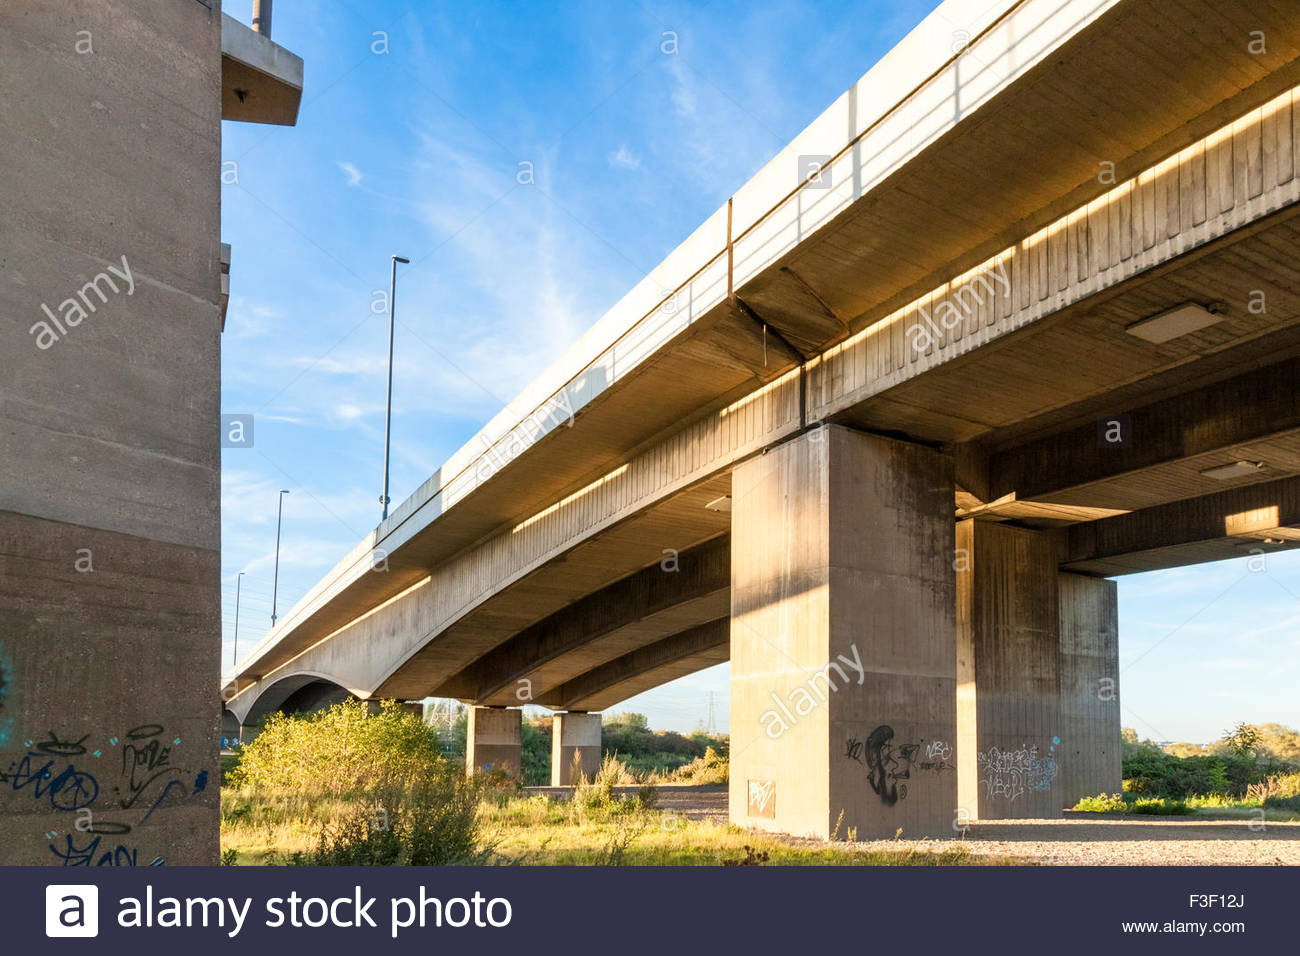 Road bridge from underneath, Nottingham, England, UK - Stock Image